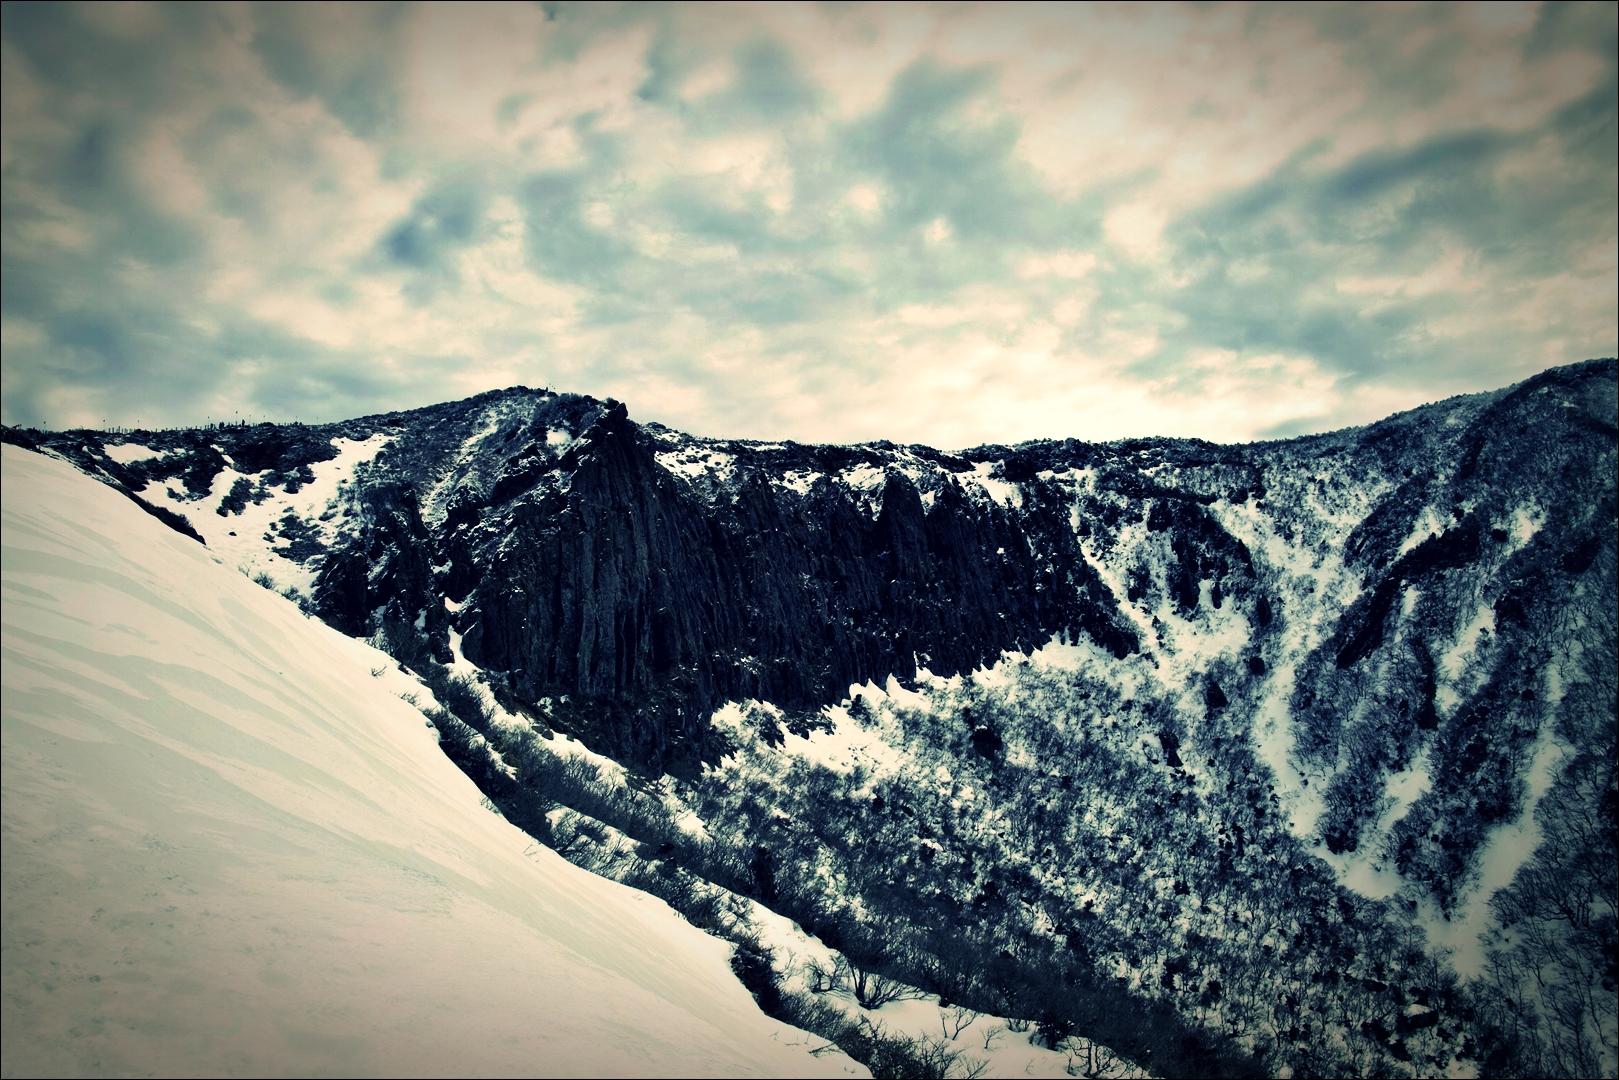 병풍바위-'한라산 영실코스 Hallasan youngsil trail'